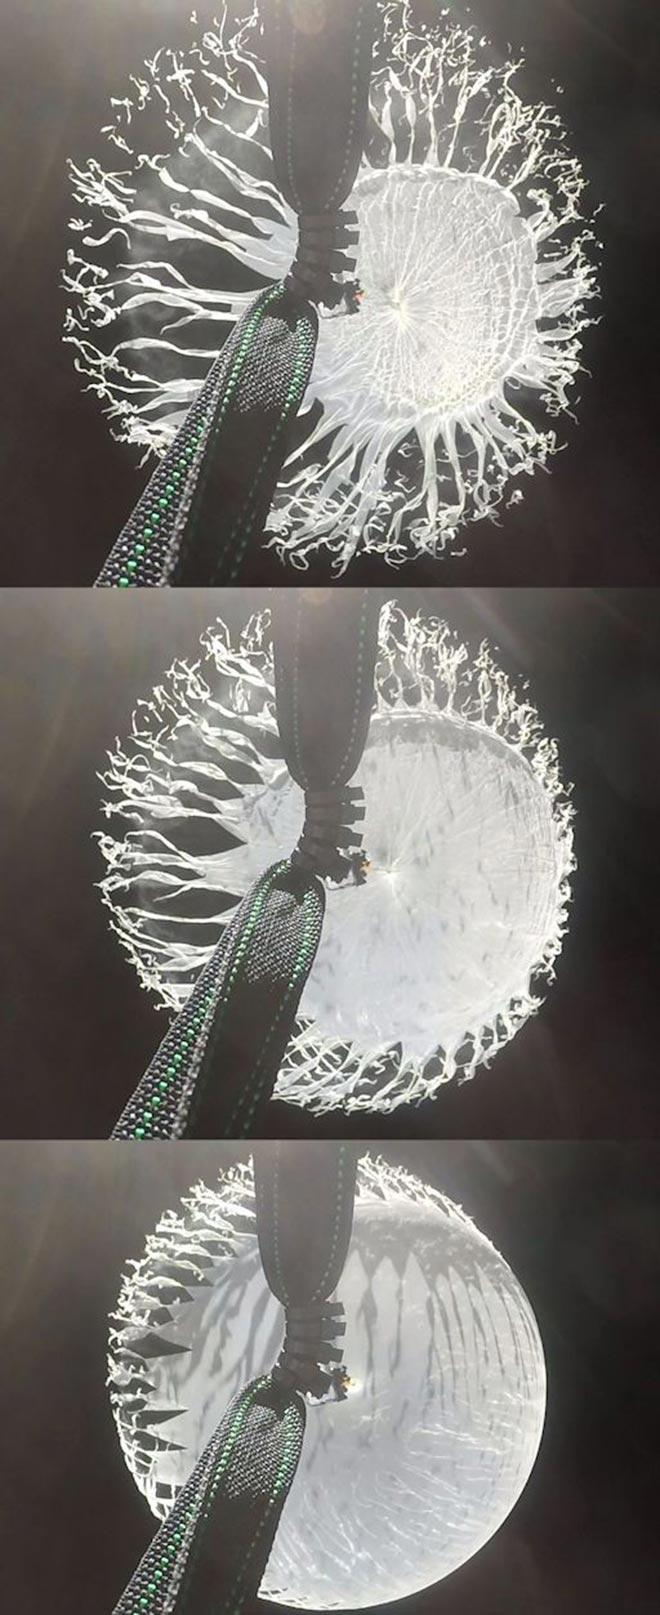 Высокоскоростная камера, расположенная в верхней части полезной нагрузки, сделала несколько интересных снимков момента, когда шар лопнул. Эти снимки иллюстрируют новую информацию об этих шарах.